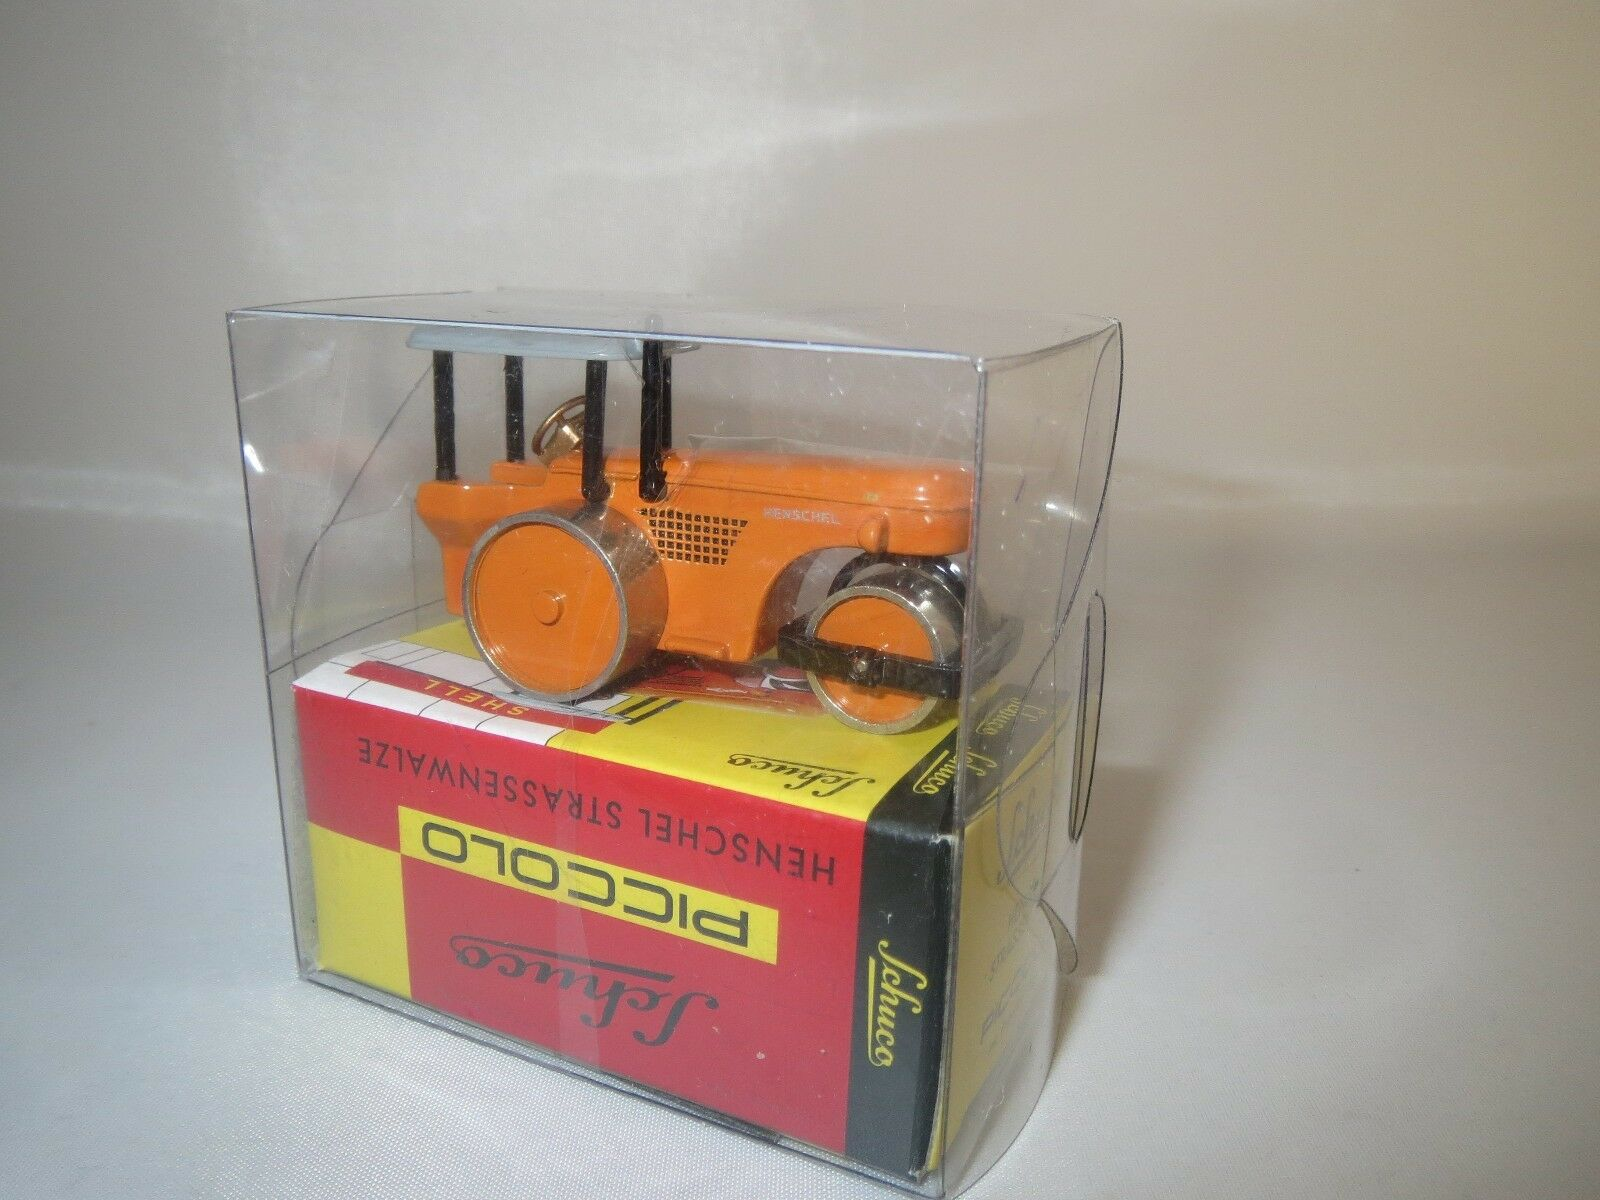 Schuco Piccolo Piccolo Piccolo  05711  Henschel  Strassenwalze  (Orange)  OVP  | Guter Markt  6a08d1